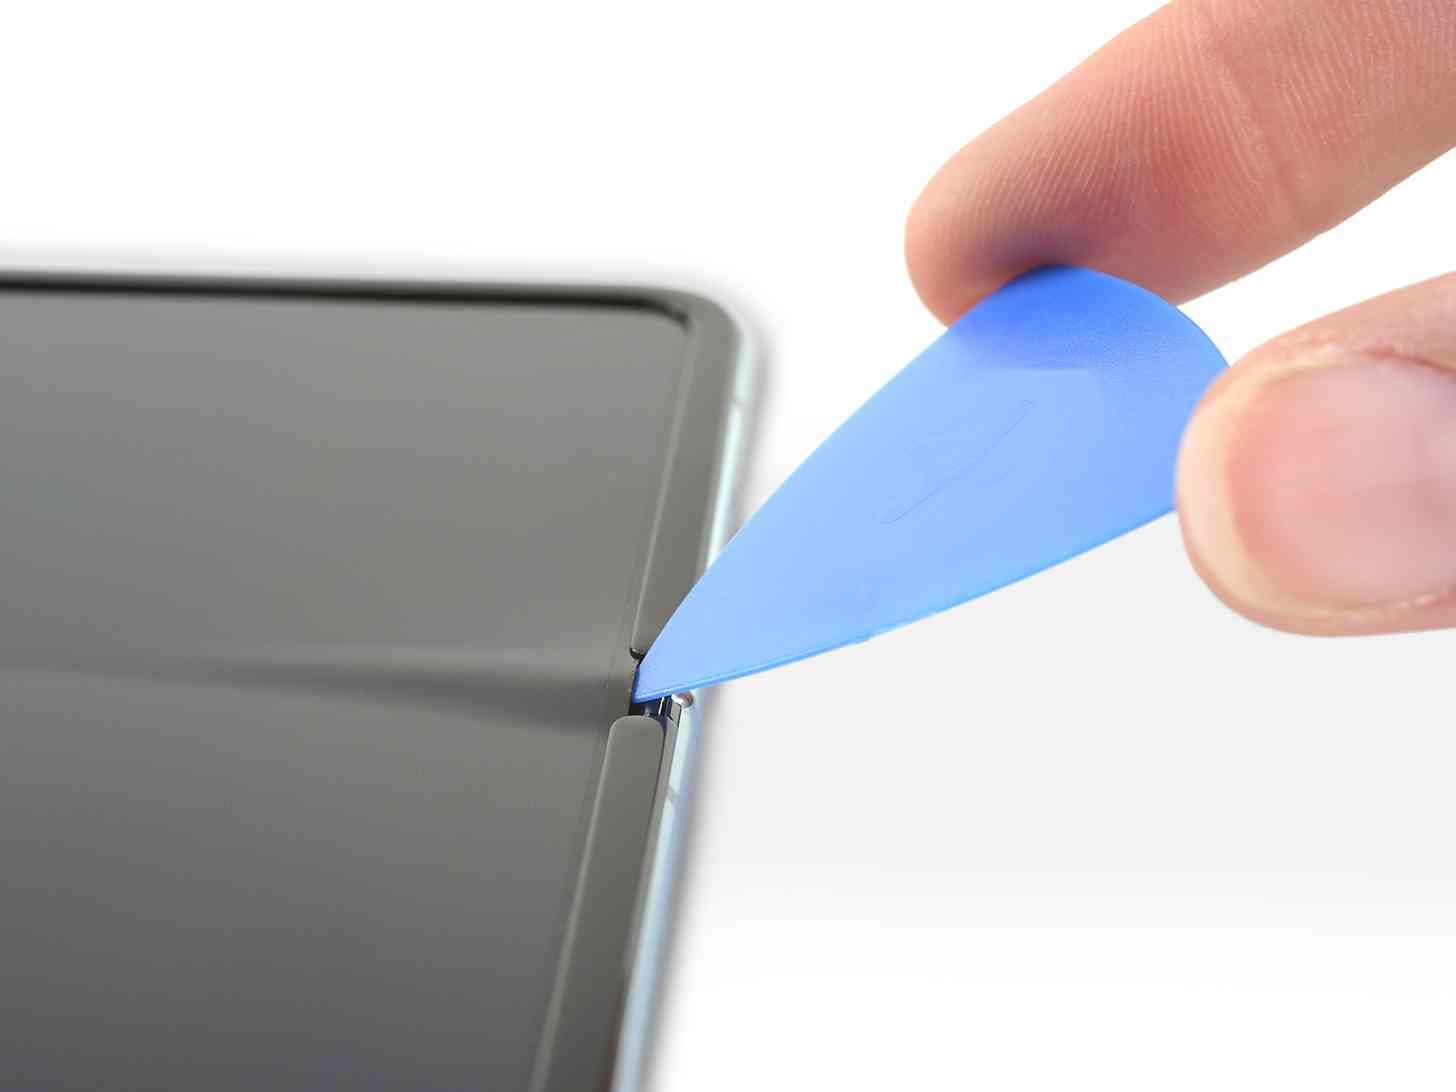 Samsung Galaxy Fold display gap